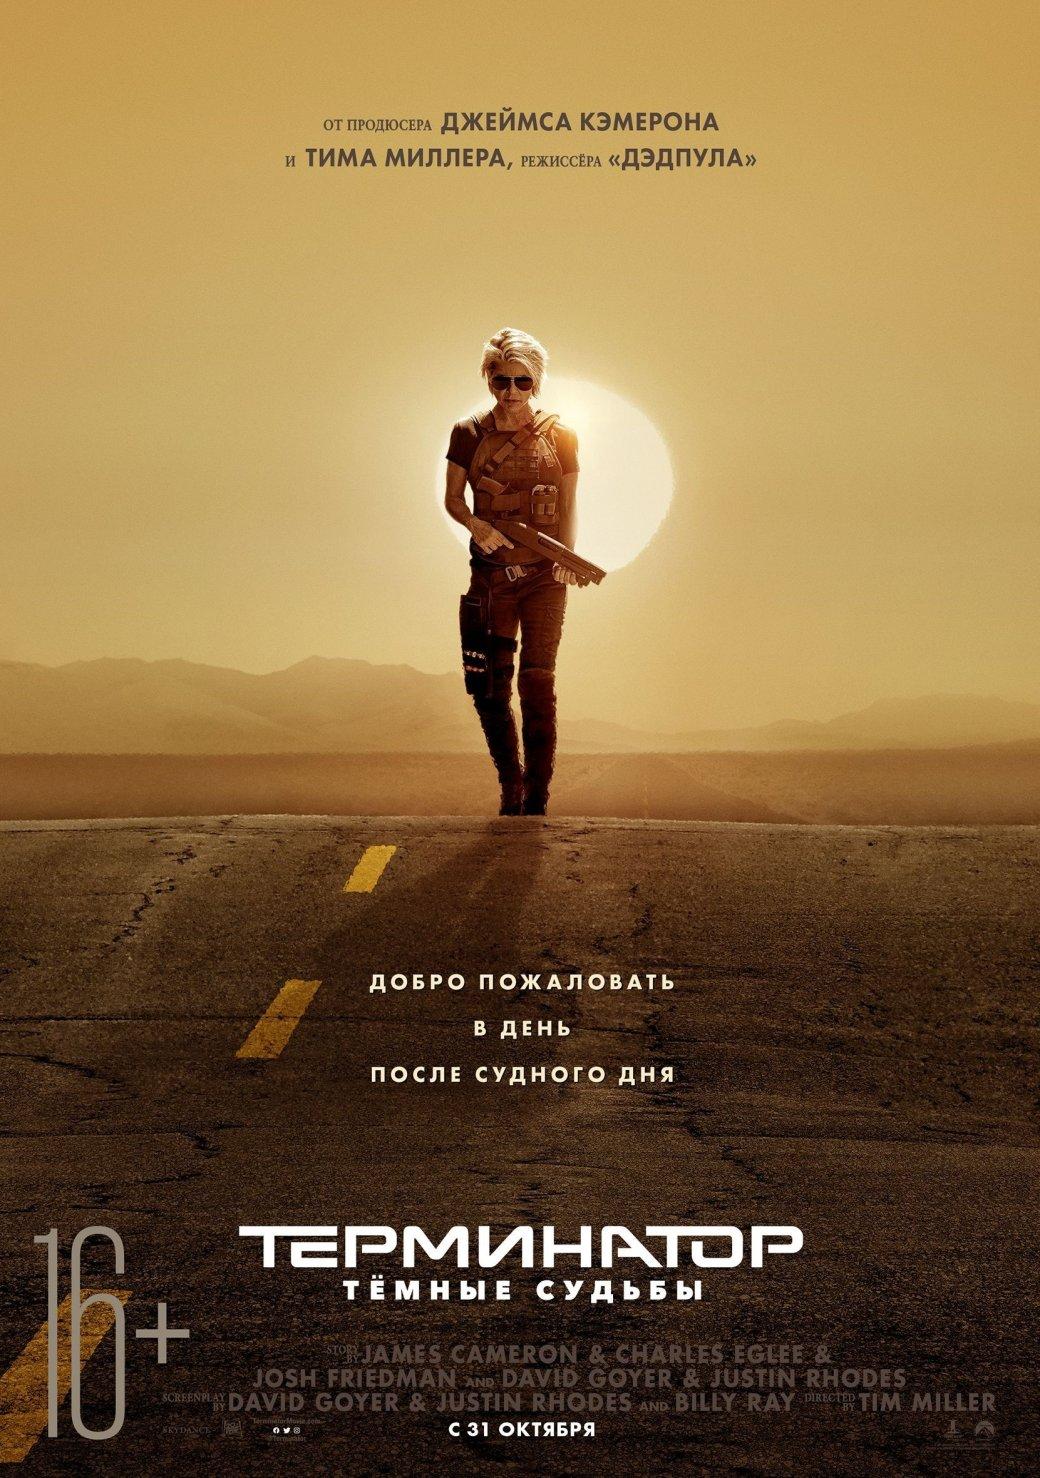 Арнольд Шварценеггер возвращается! Взгляните скорее напервый трейлер «Терминатора: Темная судьба» | Канобу - Изображение 1964